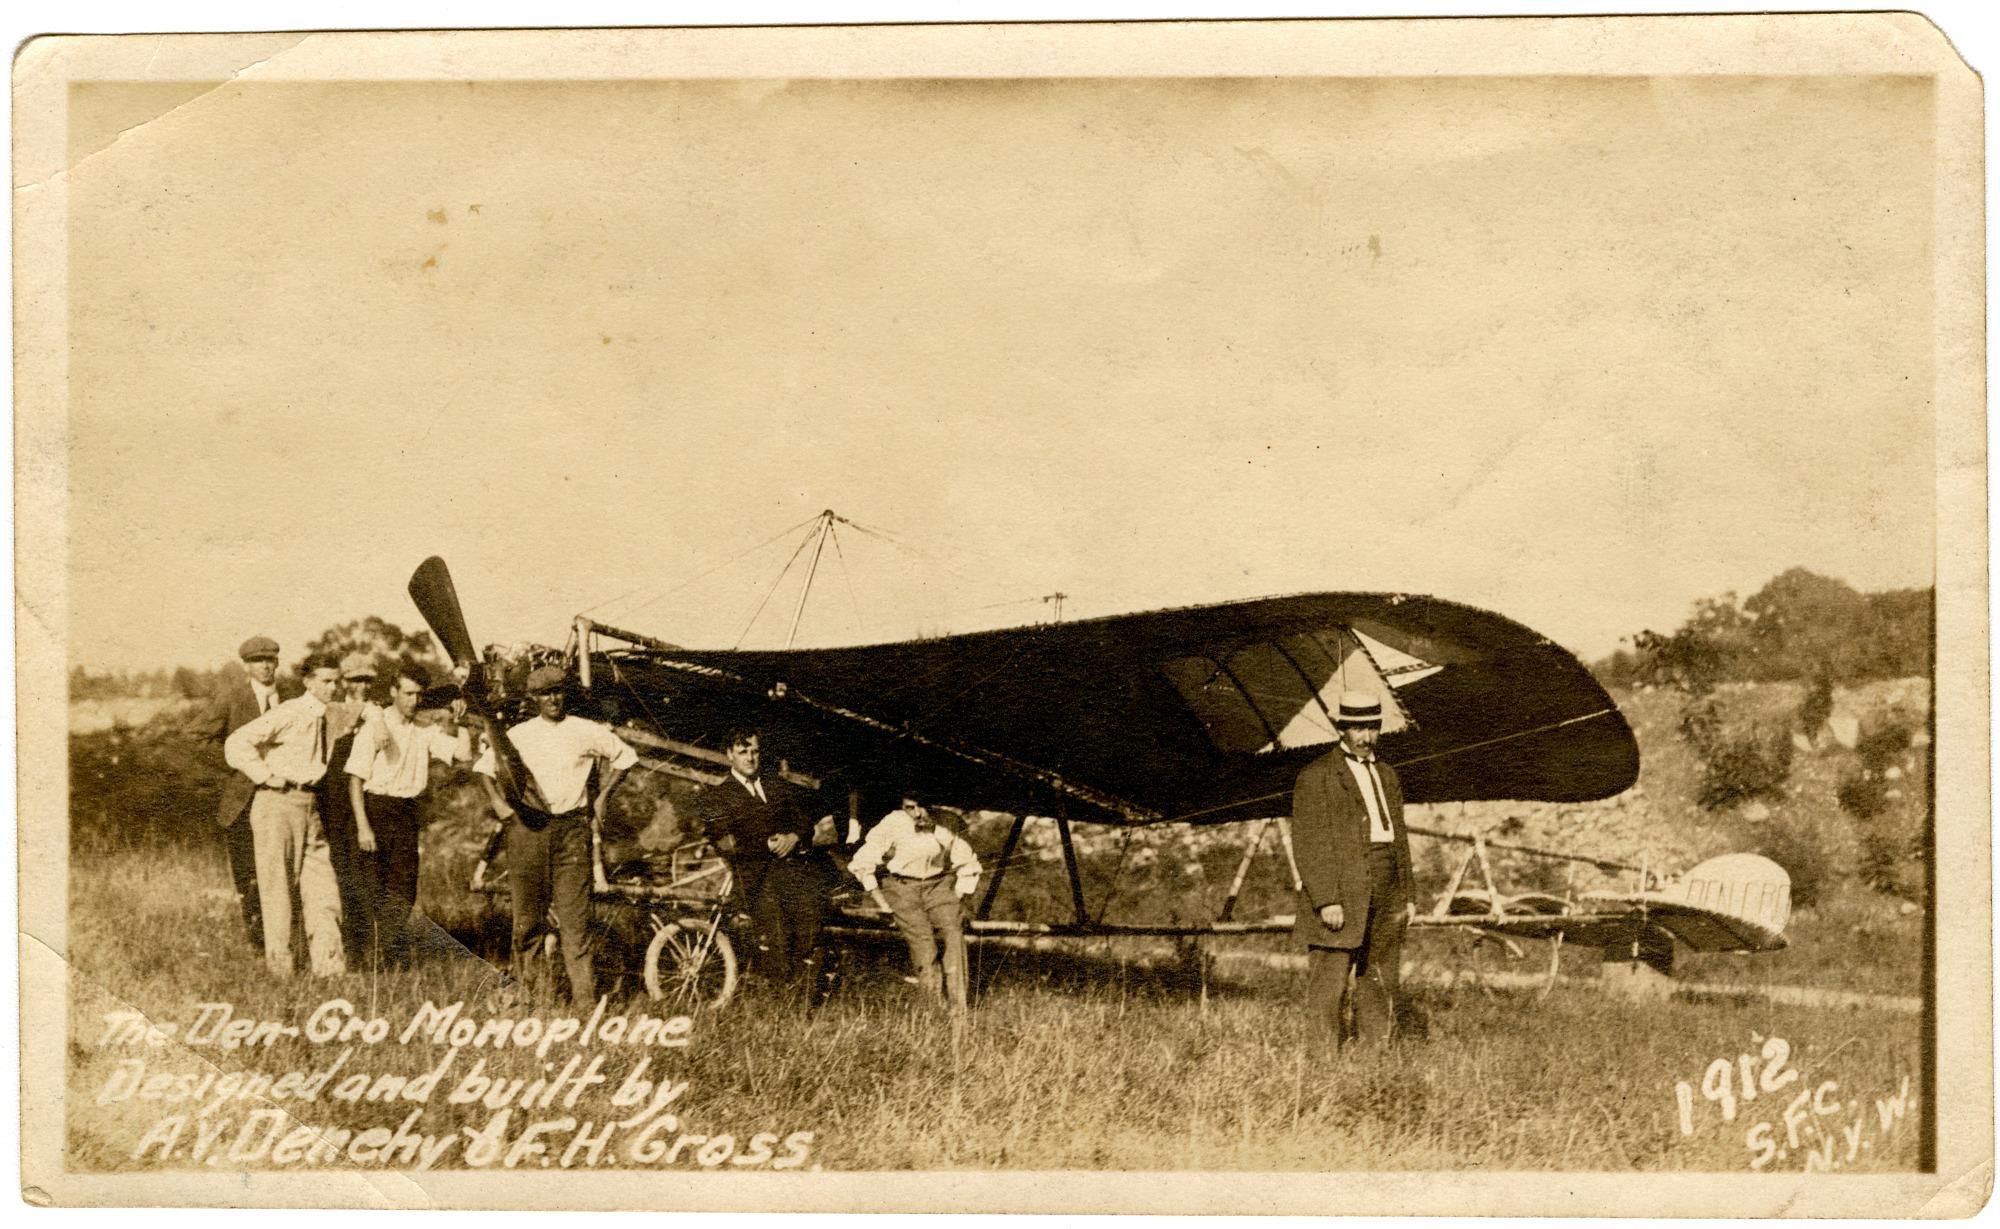 Den-Gro 1912 Monoplane Photographs